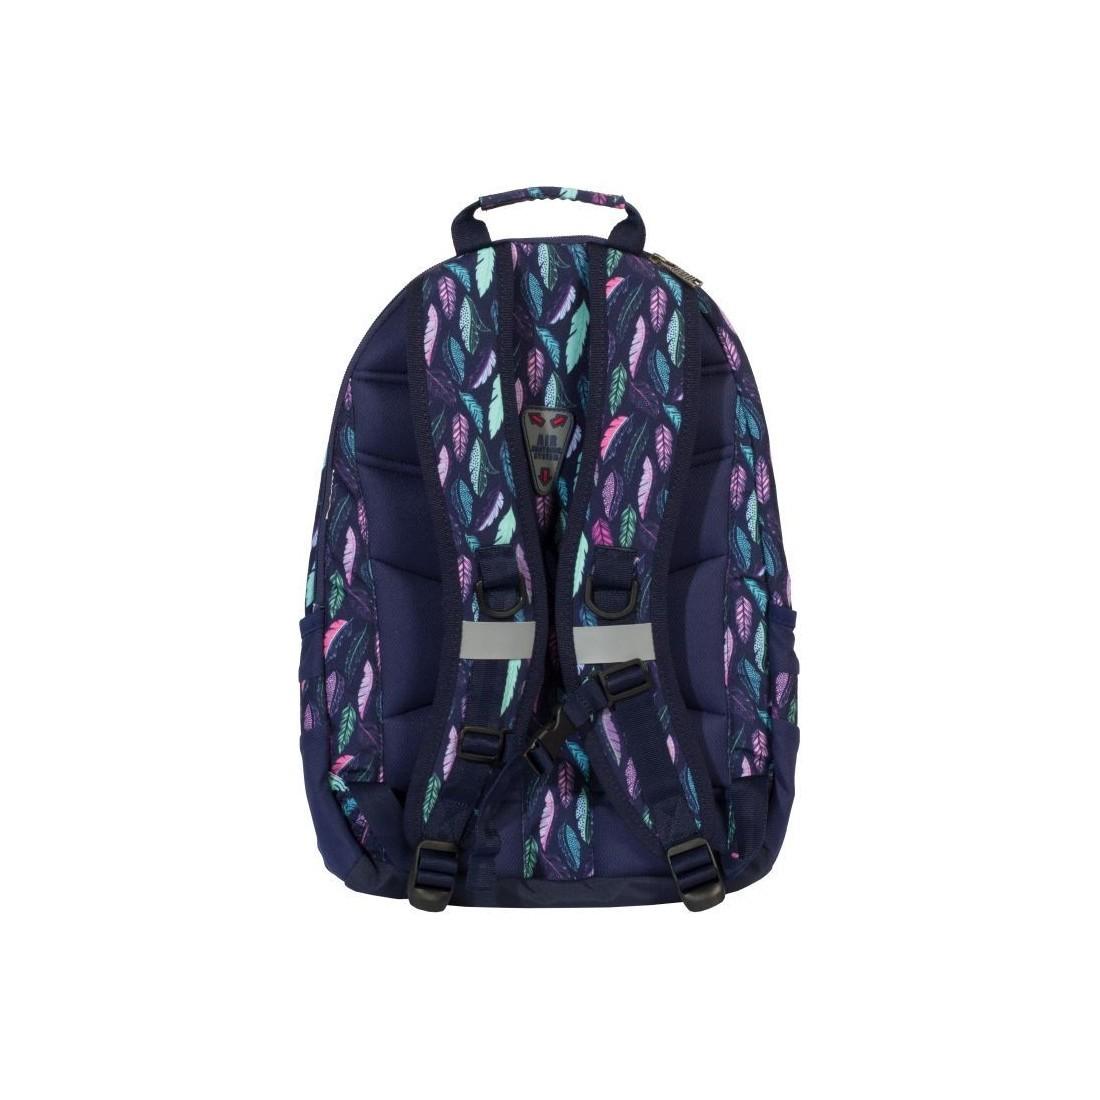 4ea6febcdb9b9 Plecak do szkoły na laptop, miętowe i różowe pióra - Feathers TOP-2000  Zibal - plecak-tornister.pl